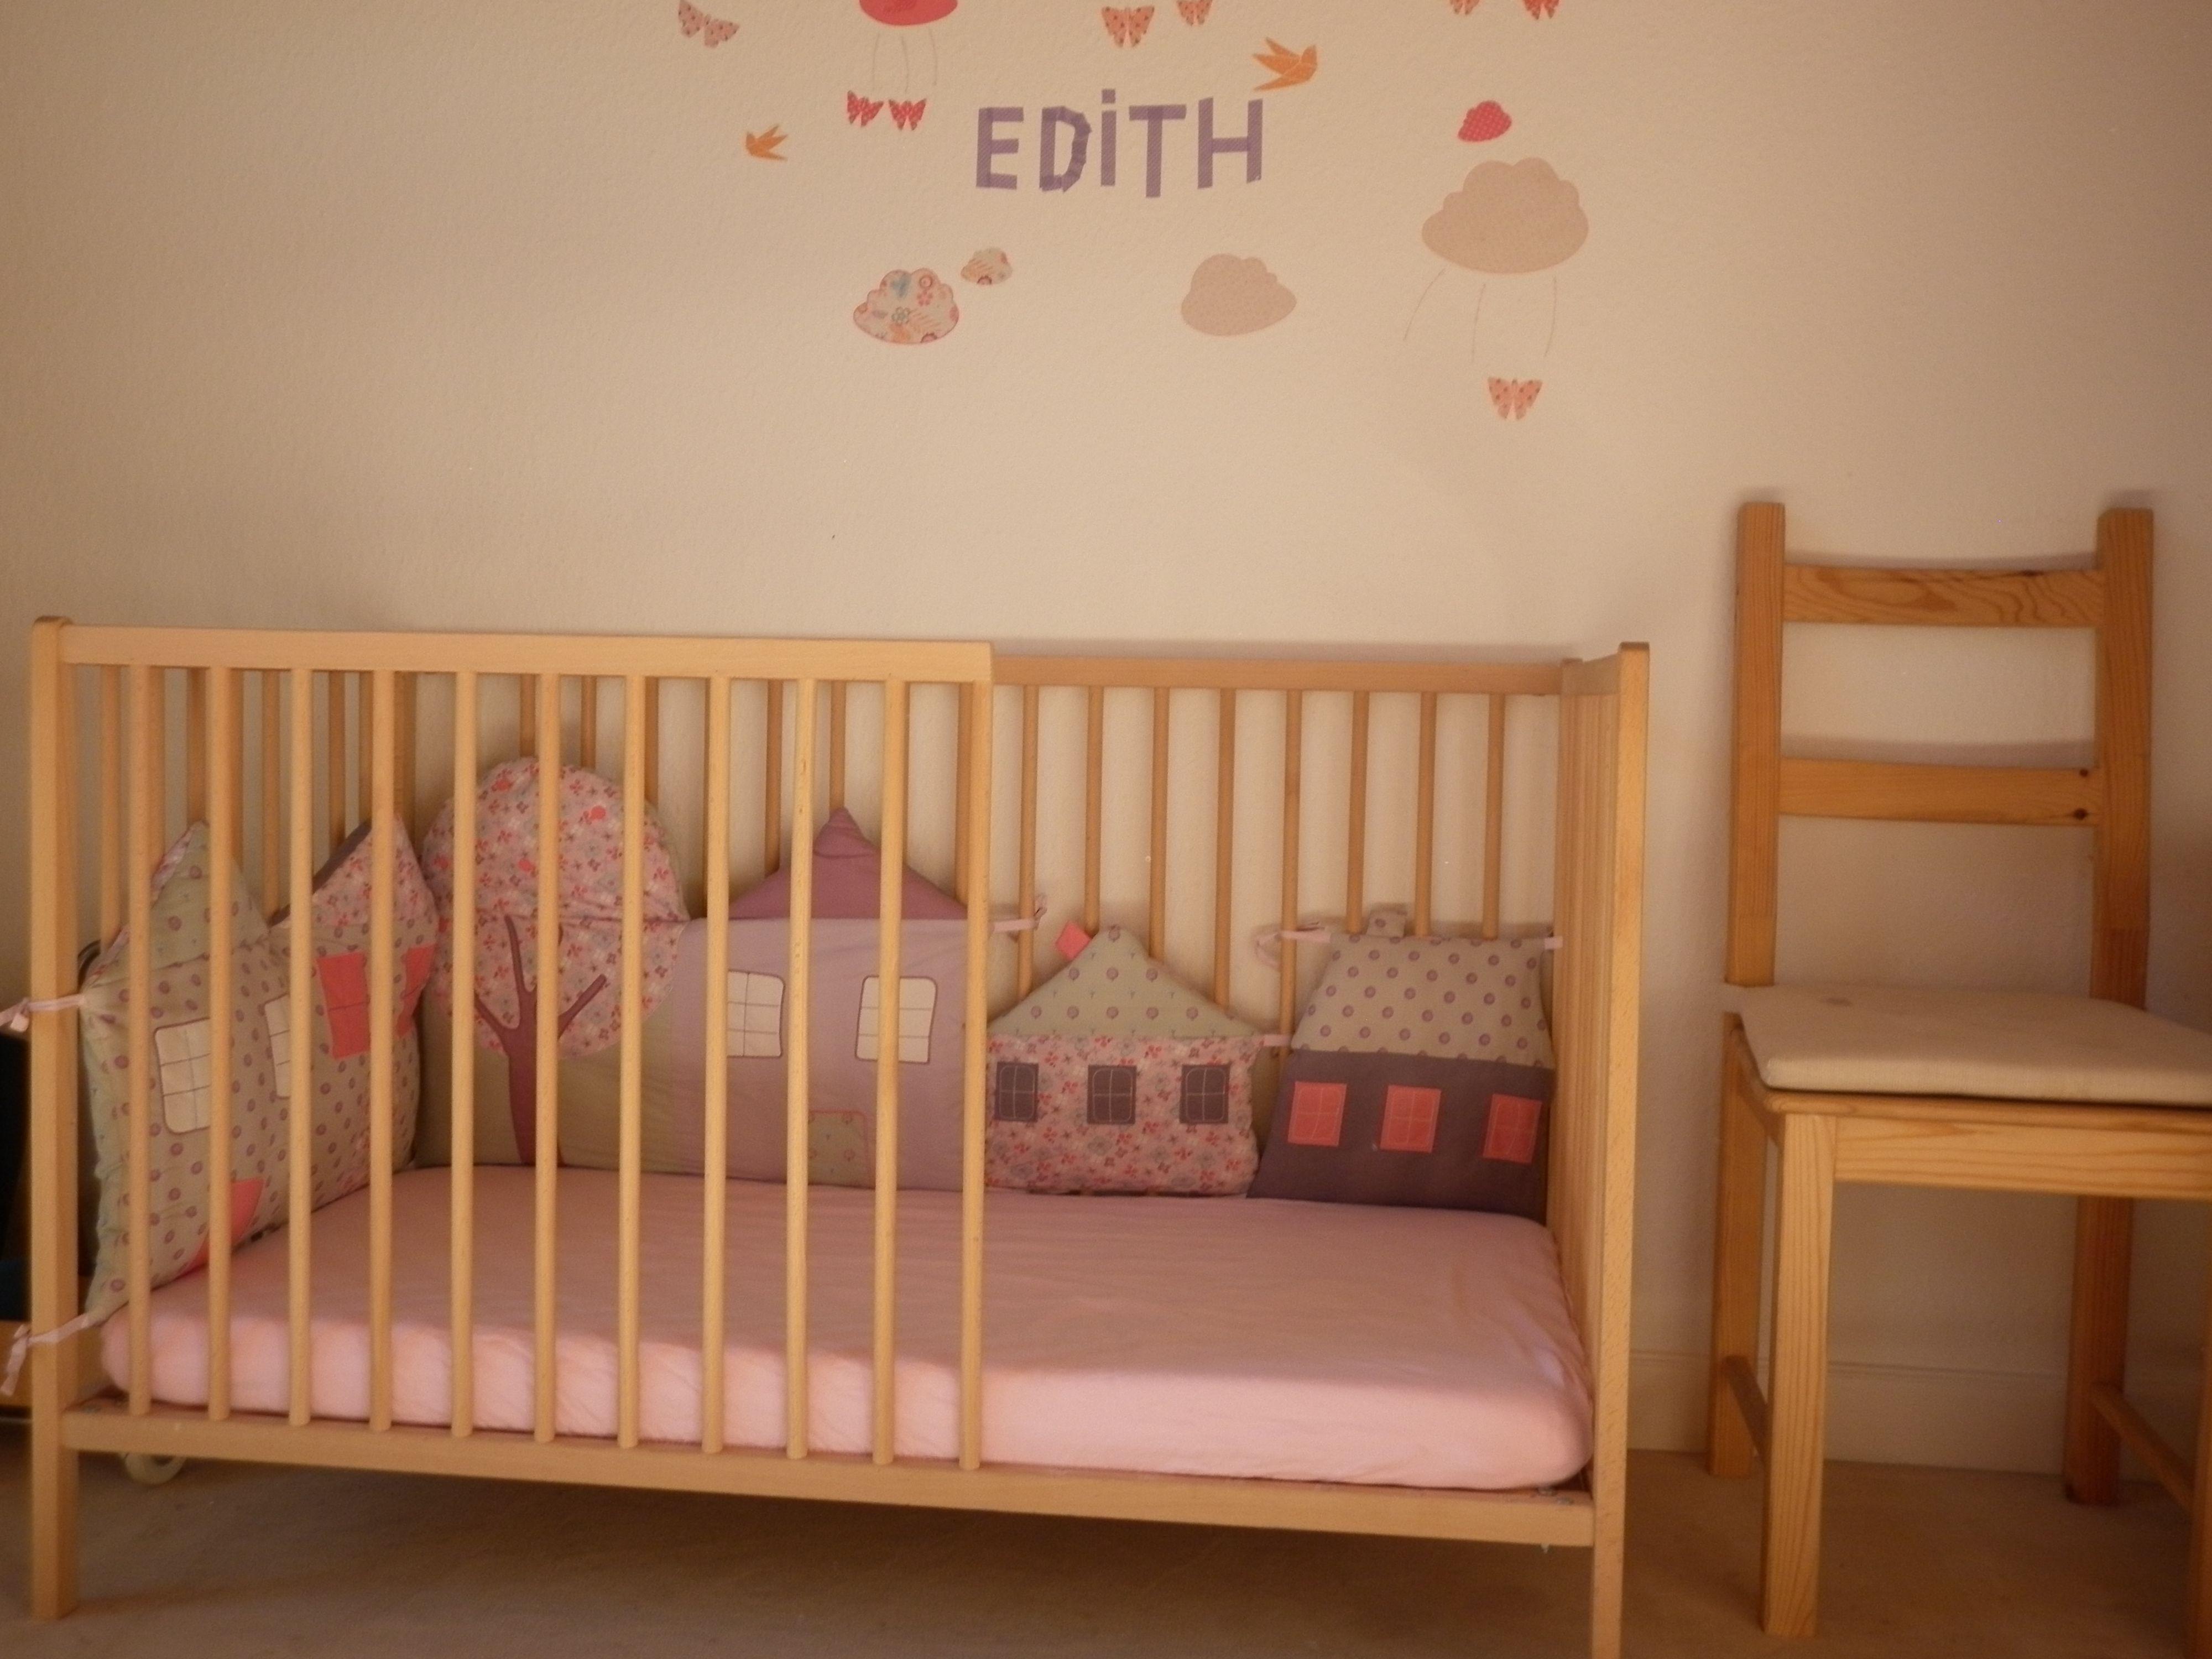 Erstaunlich DIY Ikea Baby Bett Sniglar Schlichte Veränderung Mit Großer Wirkung